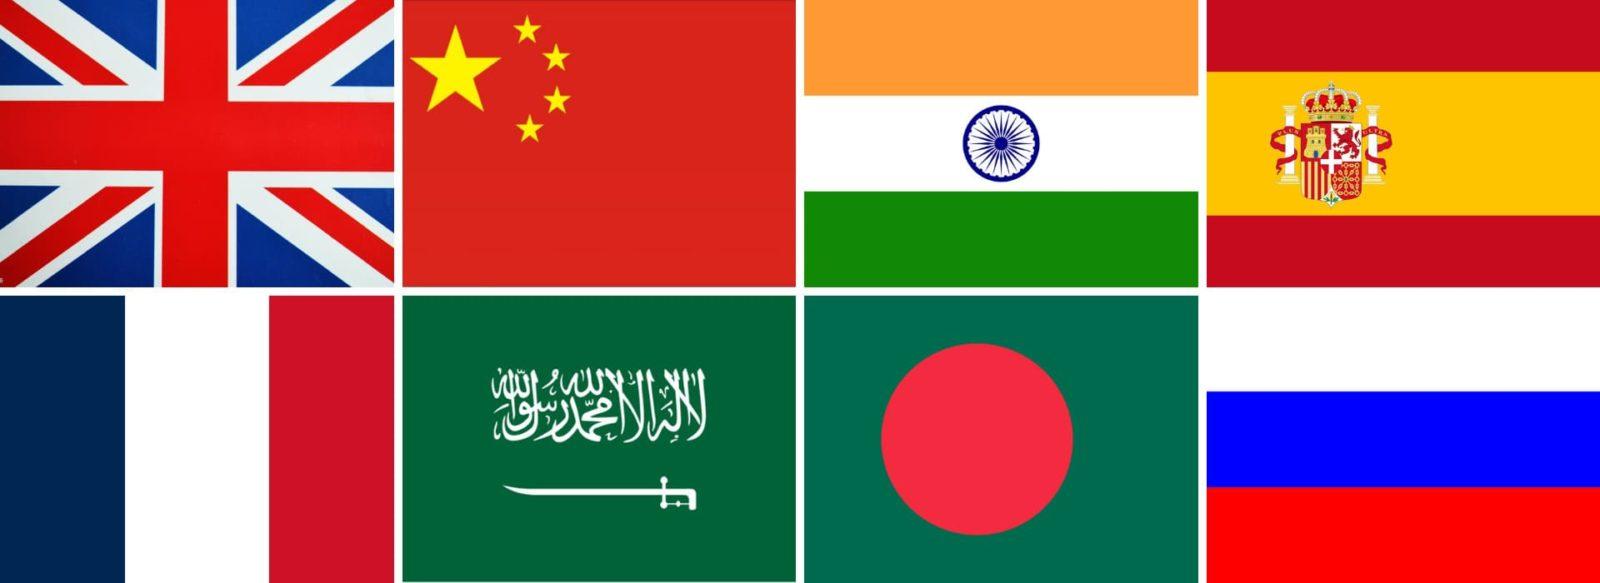 Список мировых языков. Флаги самых популярных языков по странам